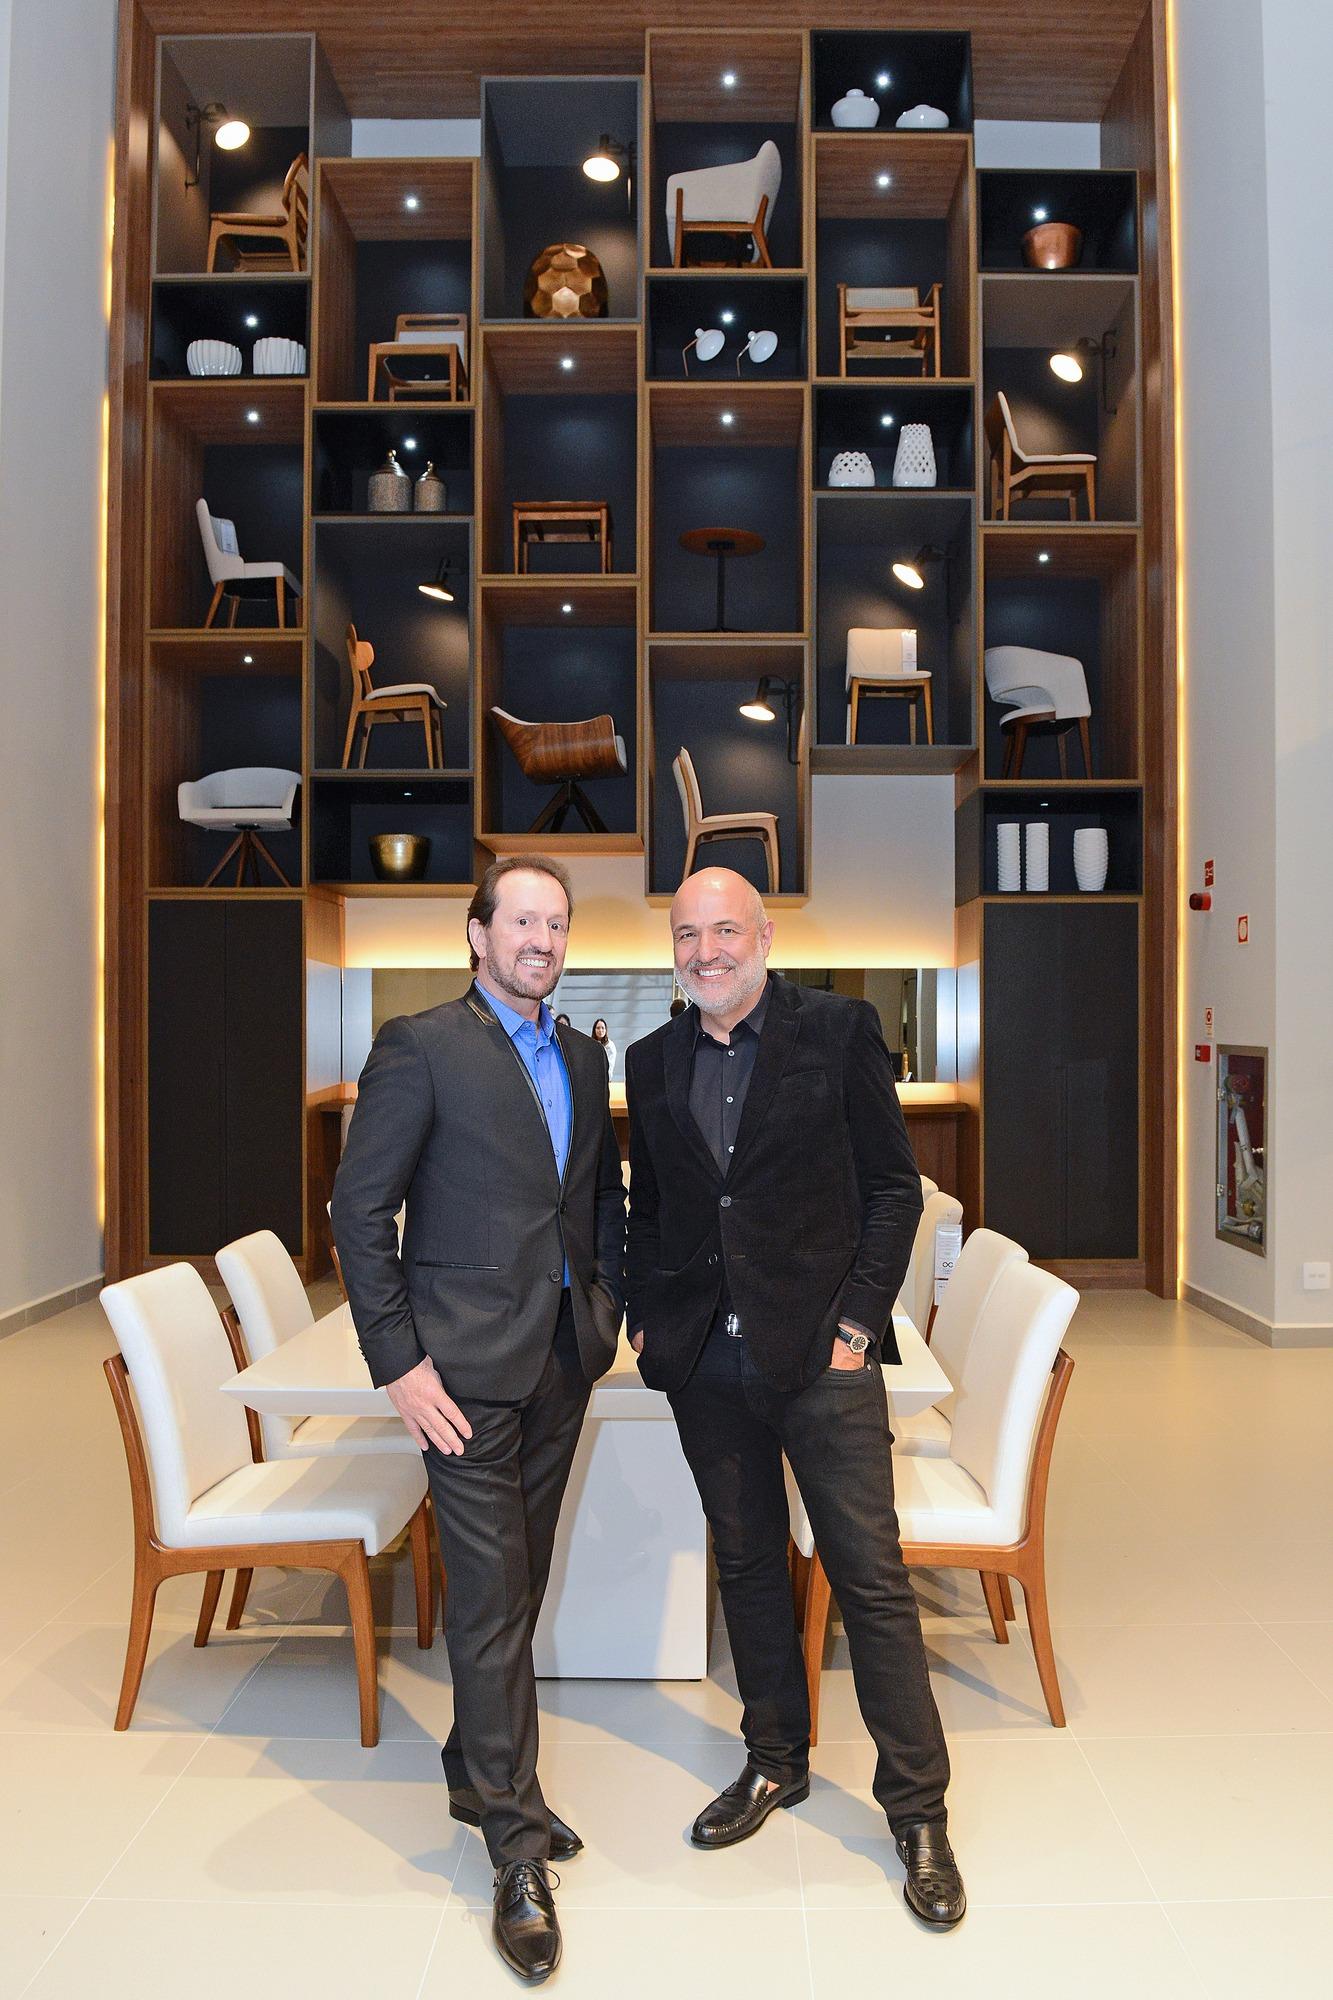 Móveis Campo Largo inaugura nova loja e nova marca